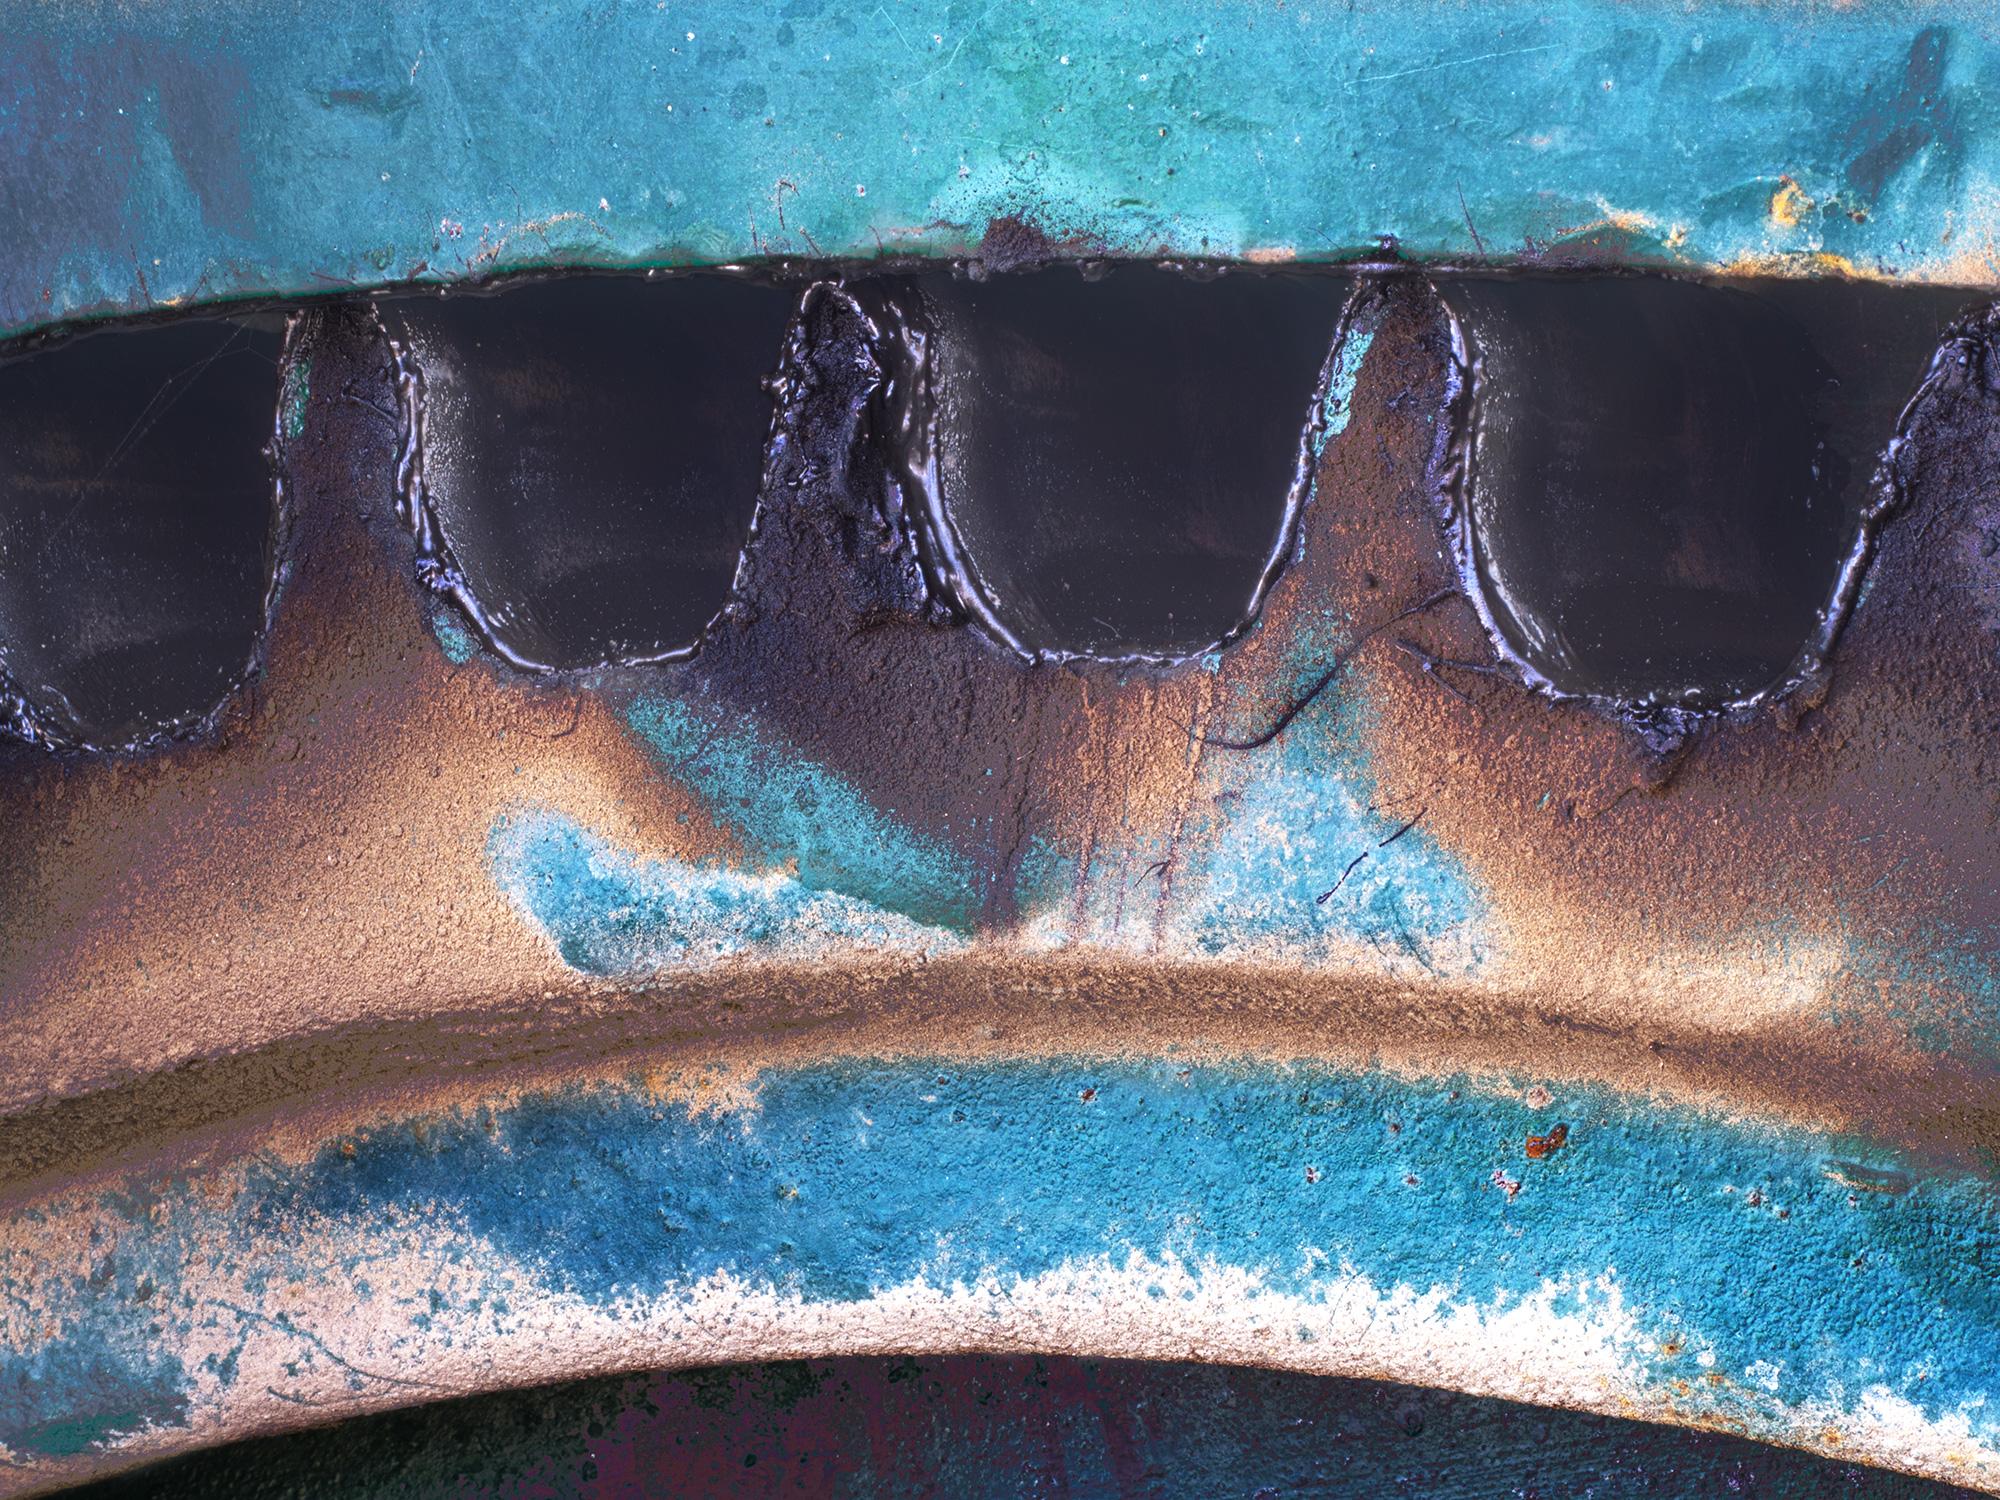 Baring_Teeth-C60_1175.jpg